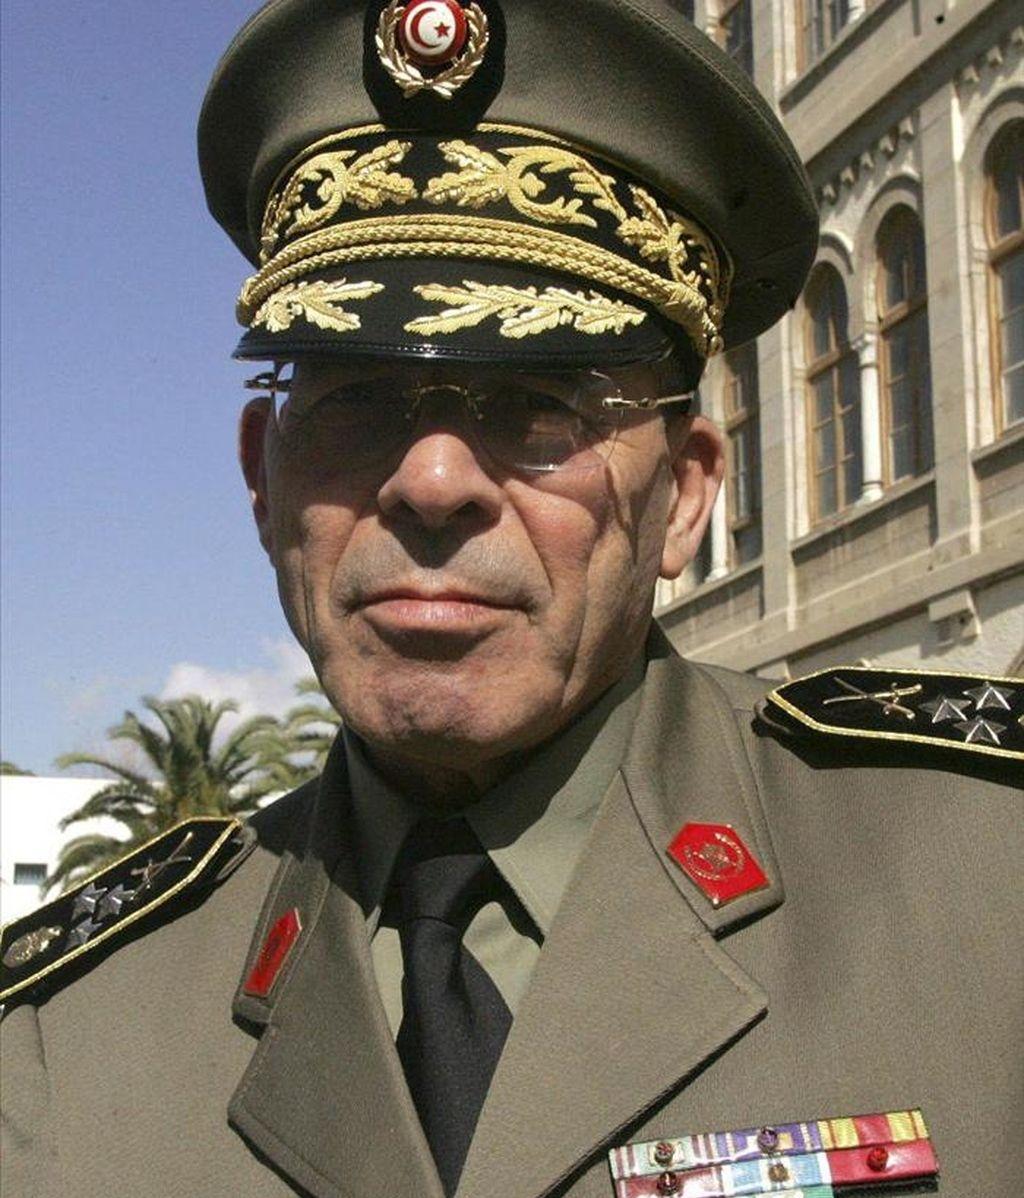 El jefe de las Fuerzas Armadas de Túnez, el general Rachid Ammar, a su llegada al Ministeriode Defensa en Túnez (Túnez), el 5 de febrero de 2011. EFE/Archivo